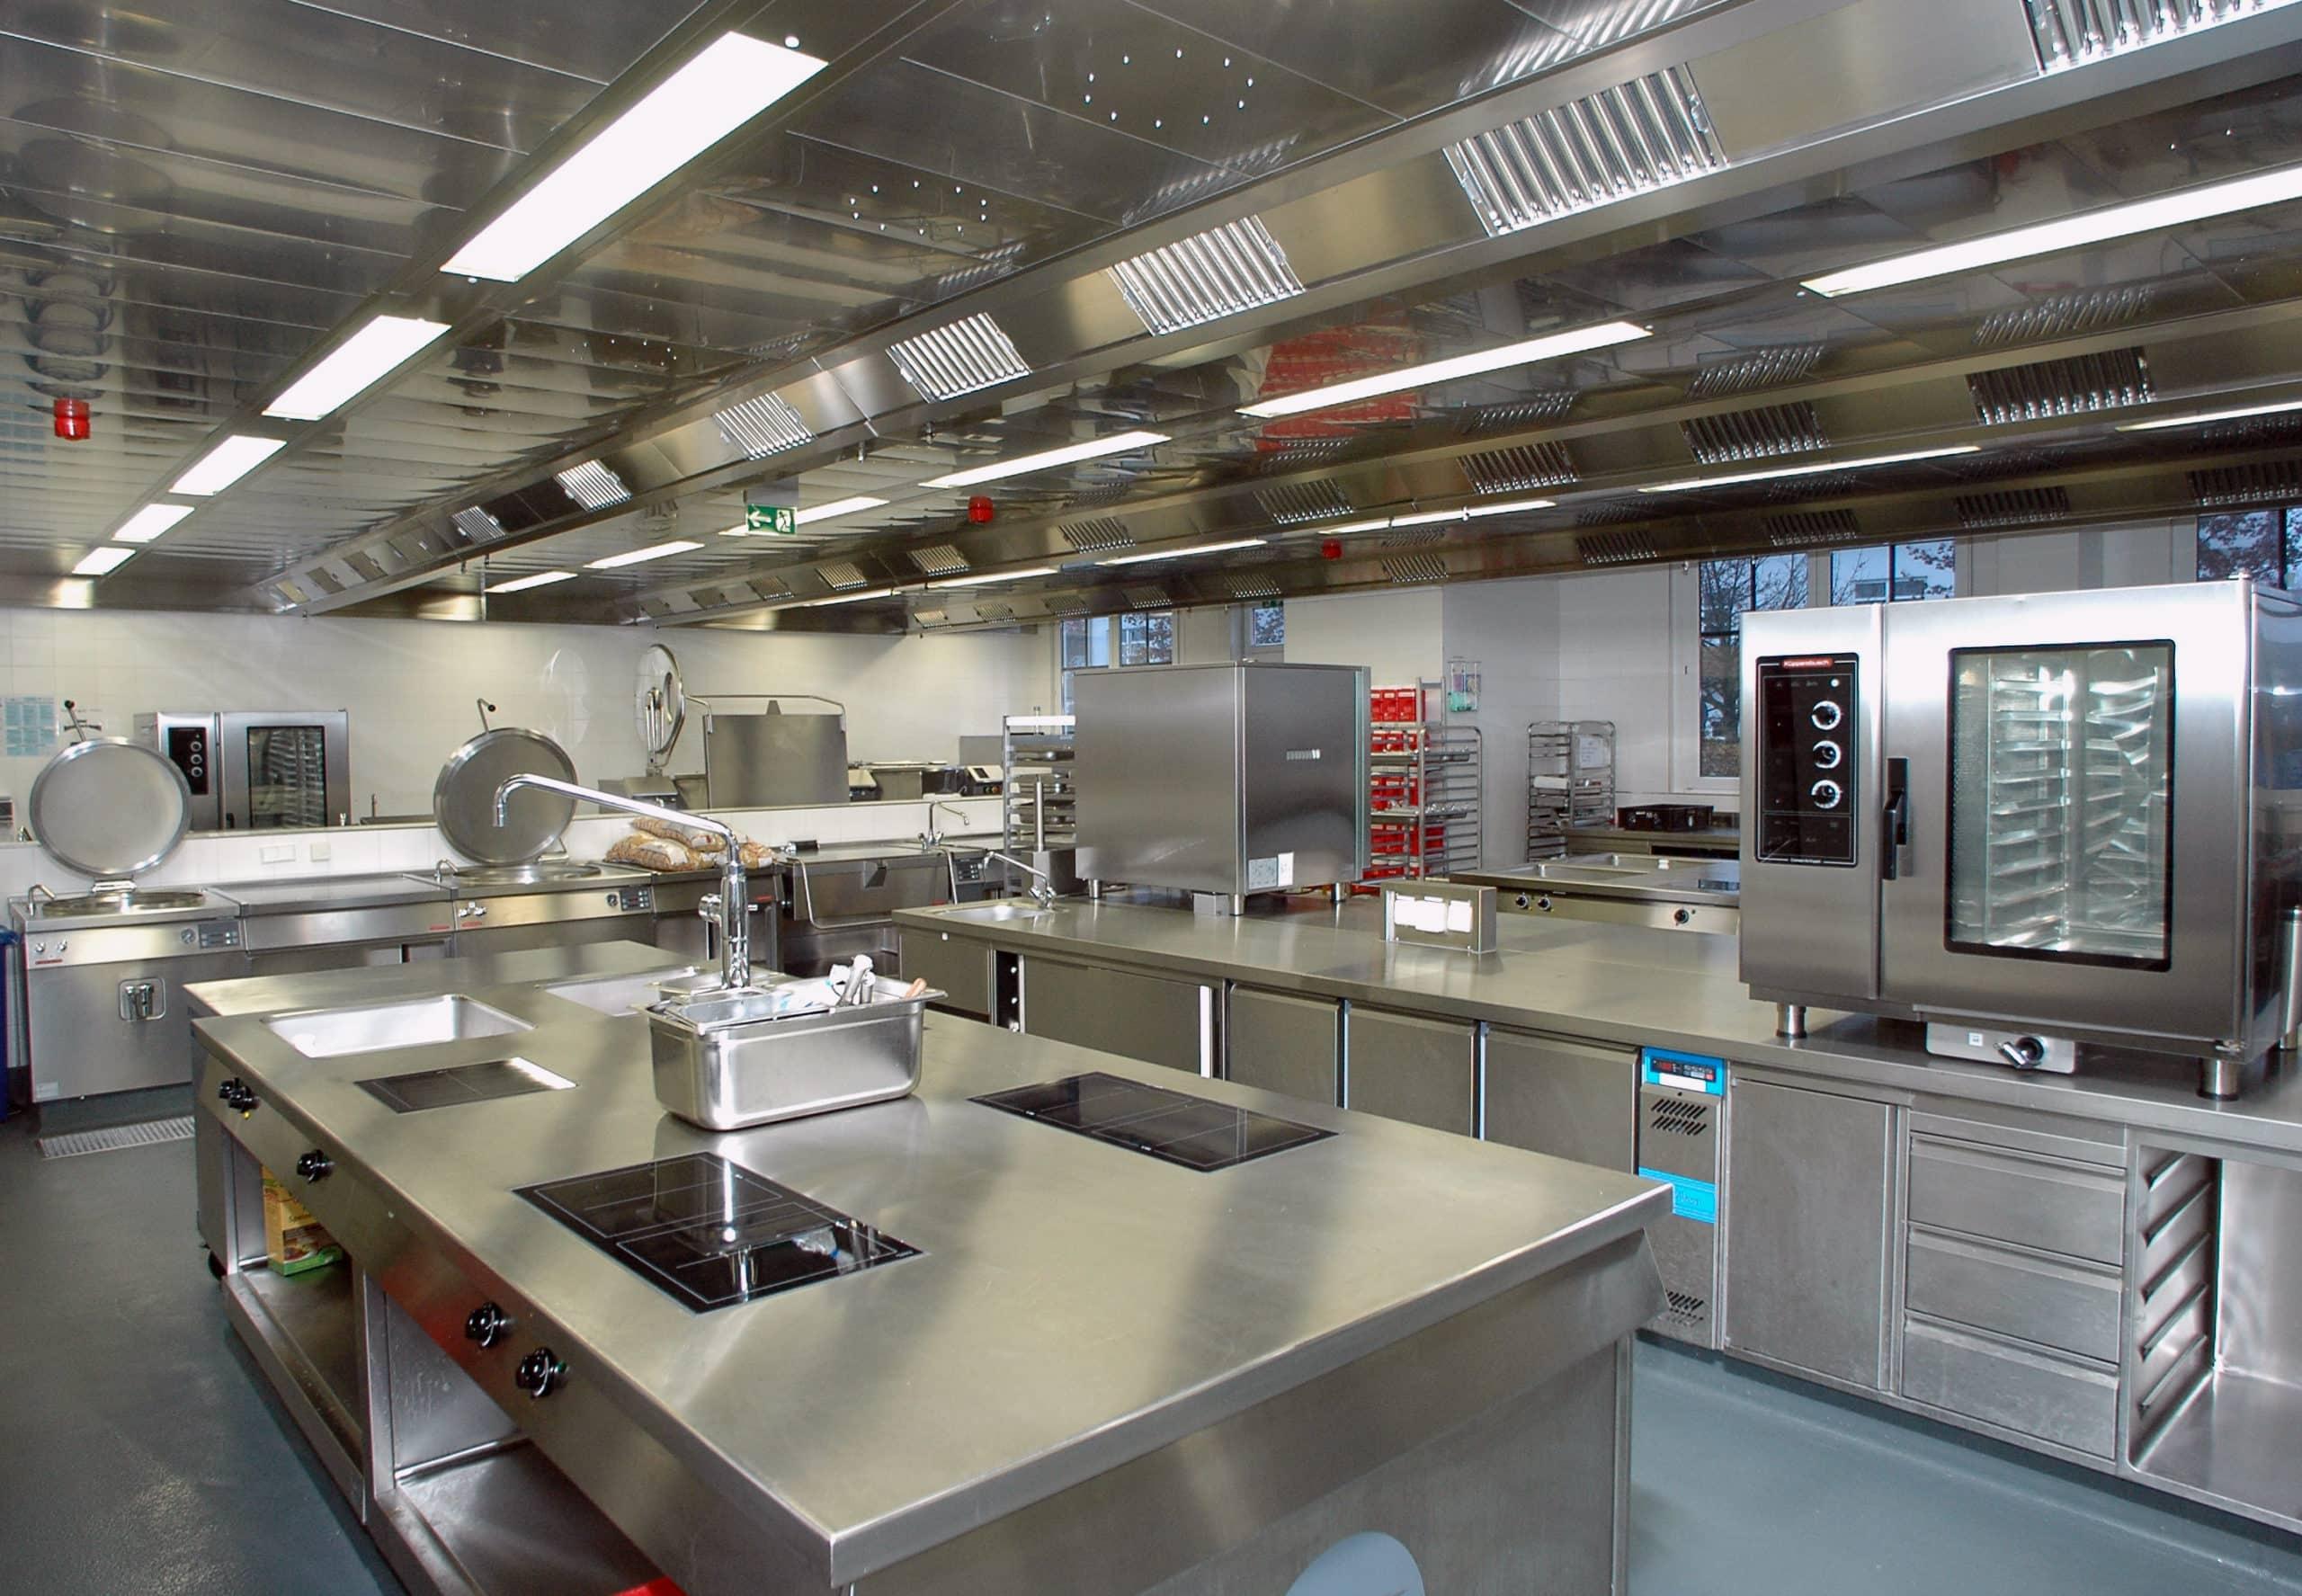 Energieoptimierung: Mit effizienter Küchentechnik Kosten senken